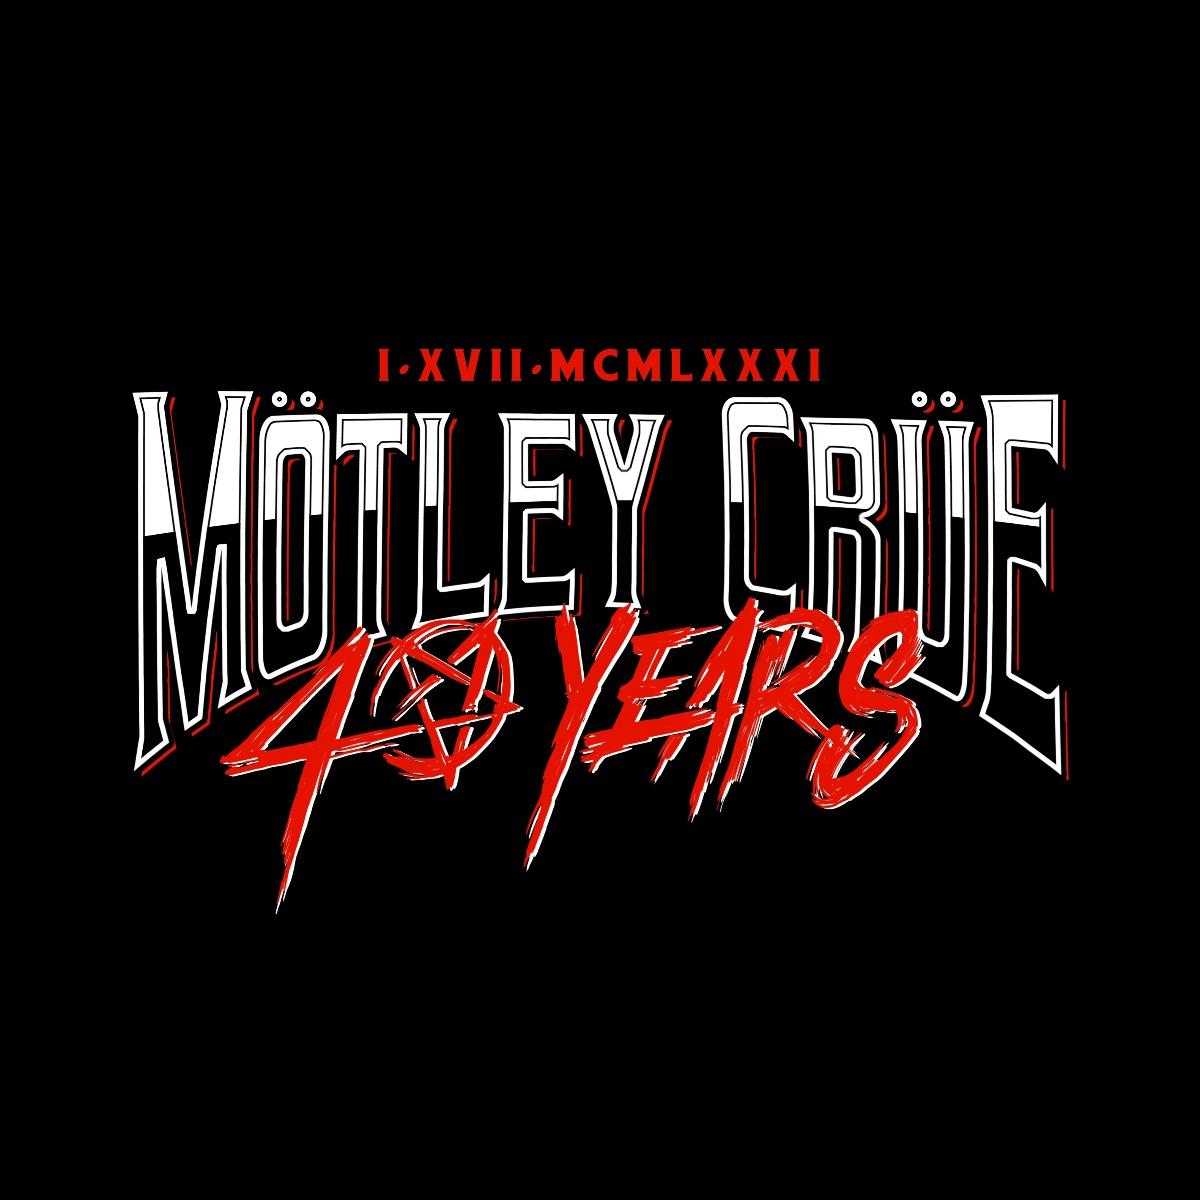 moetley-cruee-starten-die-feierlichkeiten-fuer-ihr-40-jubilaeumsjahr